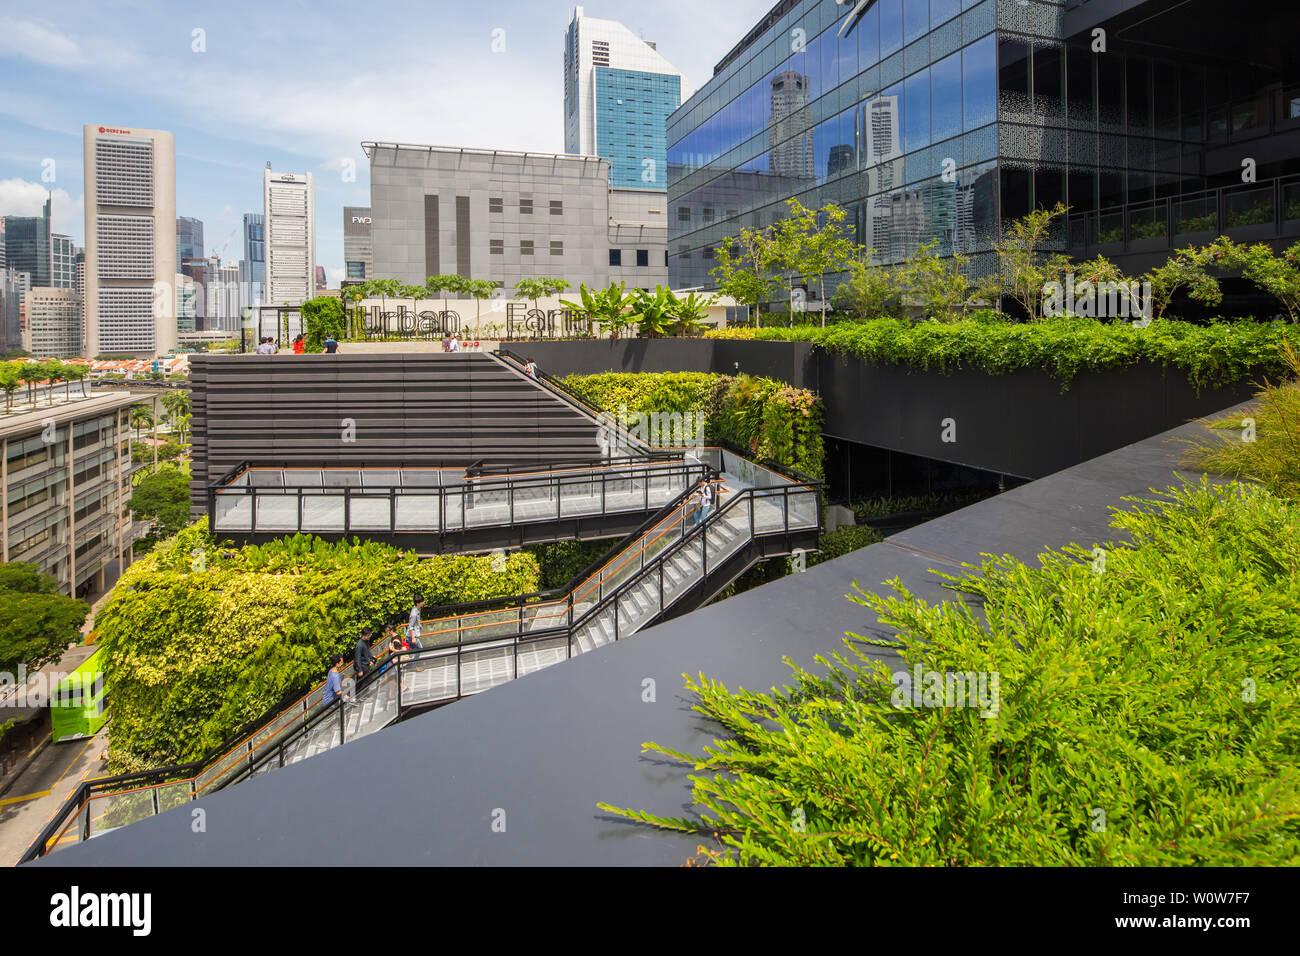 Les gens de monter l'escalier à la ferme urbaine sur le toit de Funan Mall, Singapour Banque D'Images